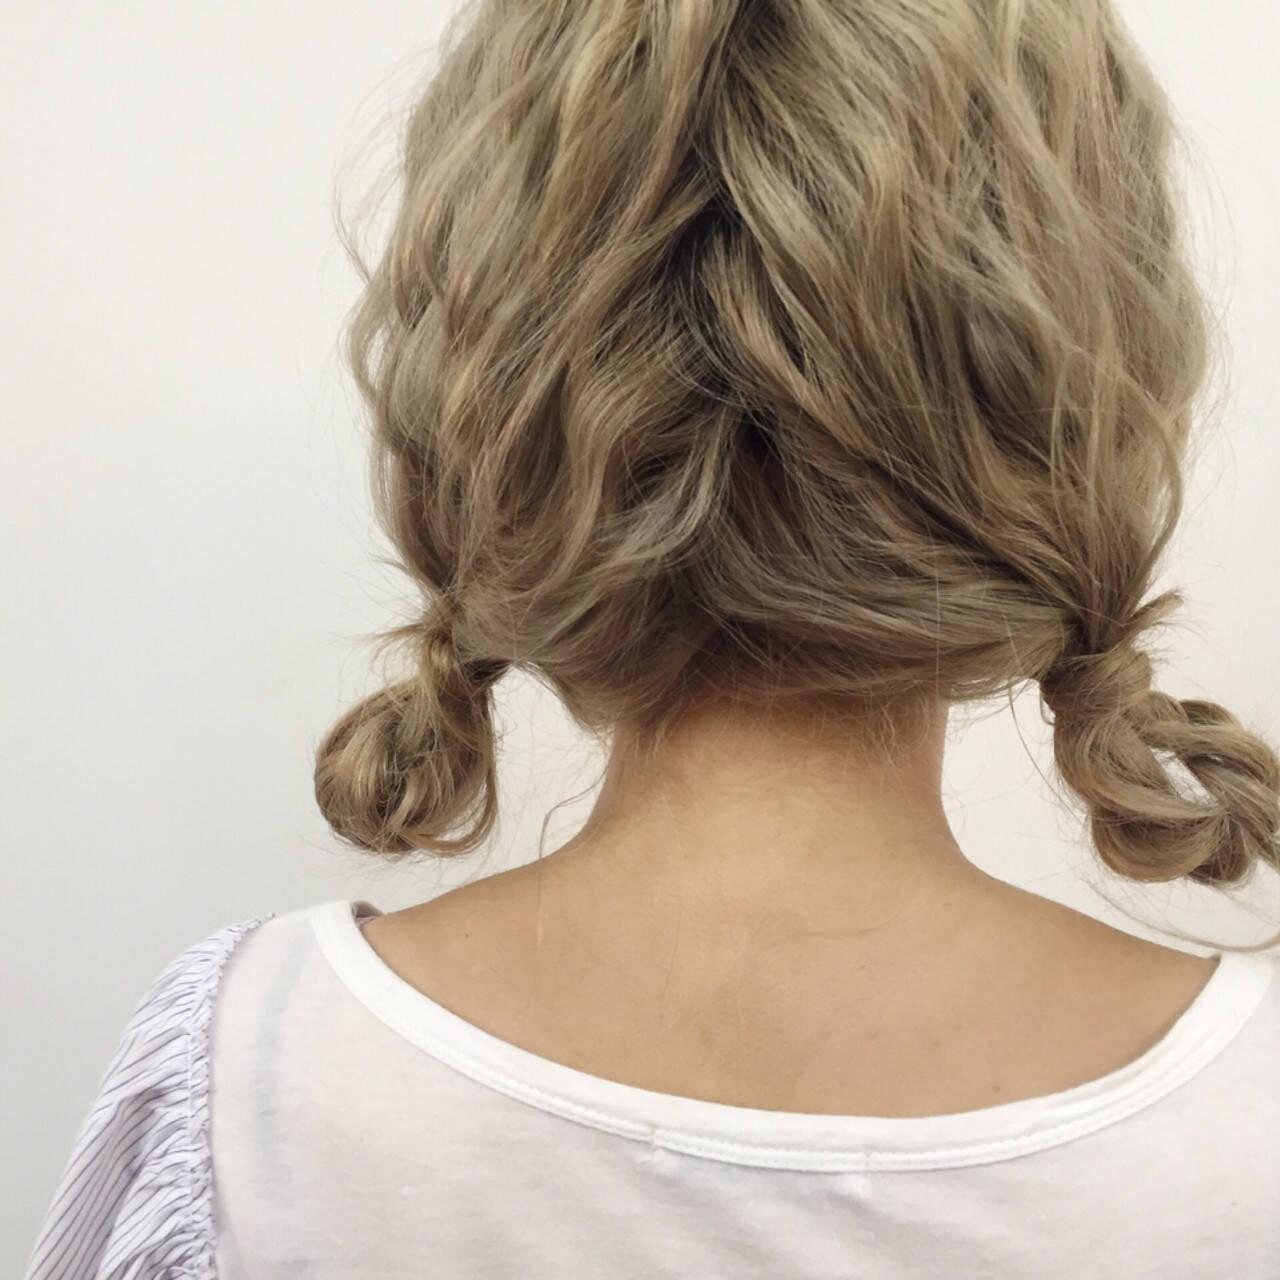 ねじり セミロング ツインテール ヘアアレンジヘアスタイルや髪型の写真・画像